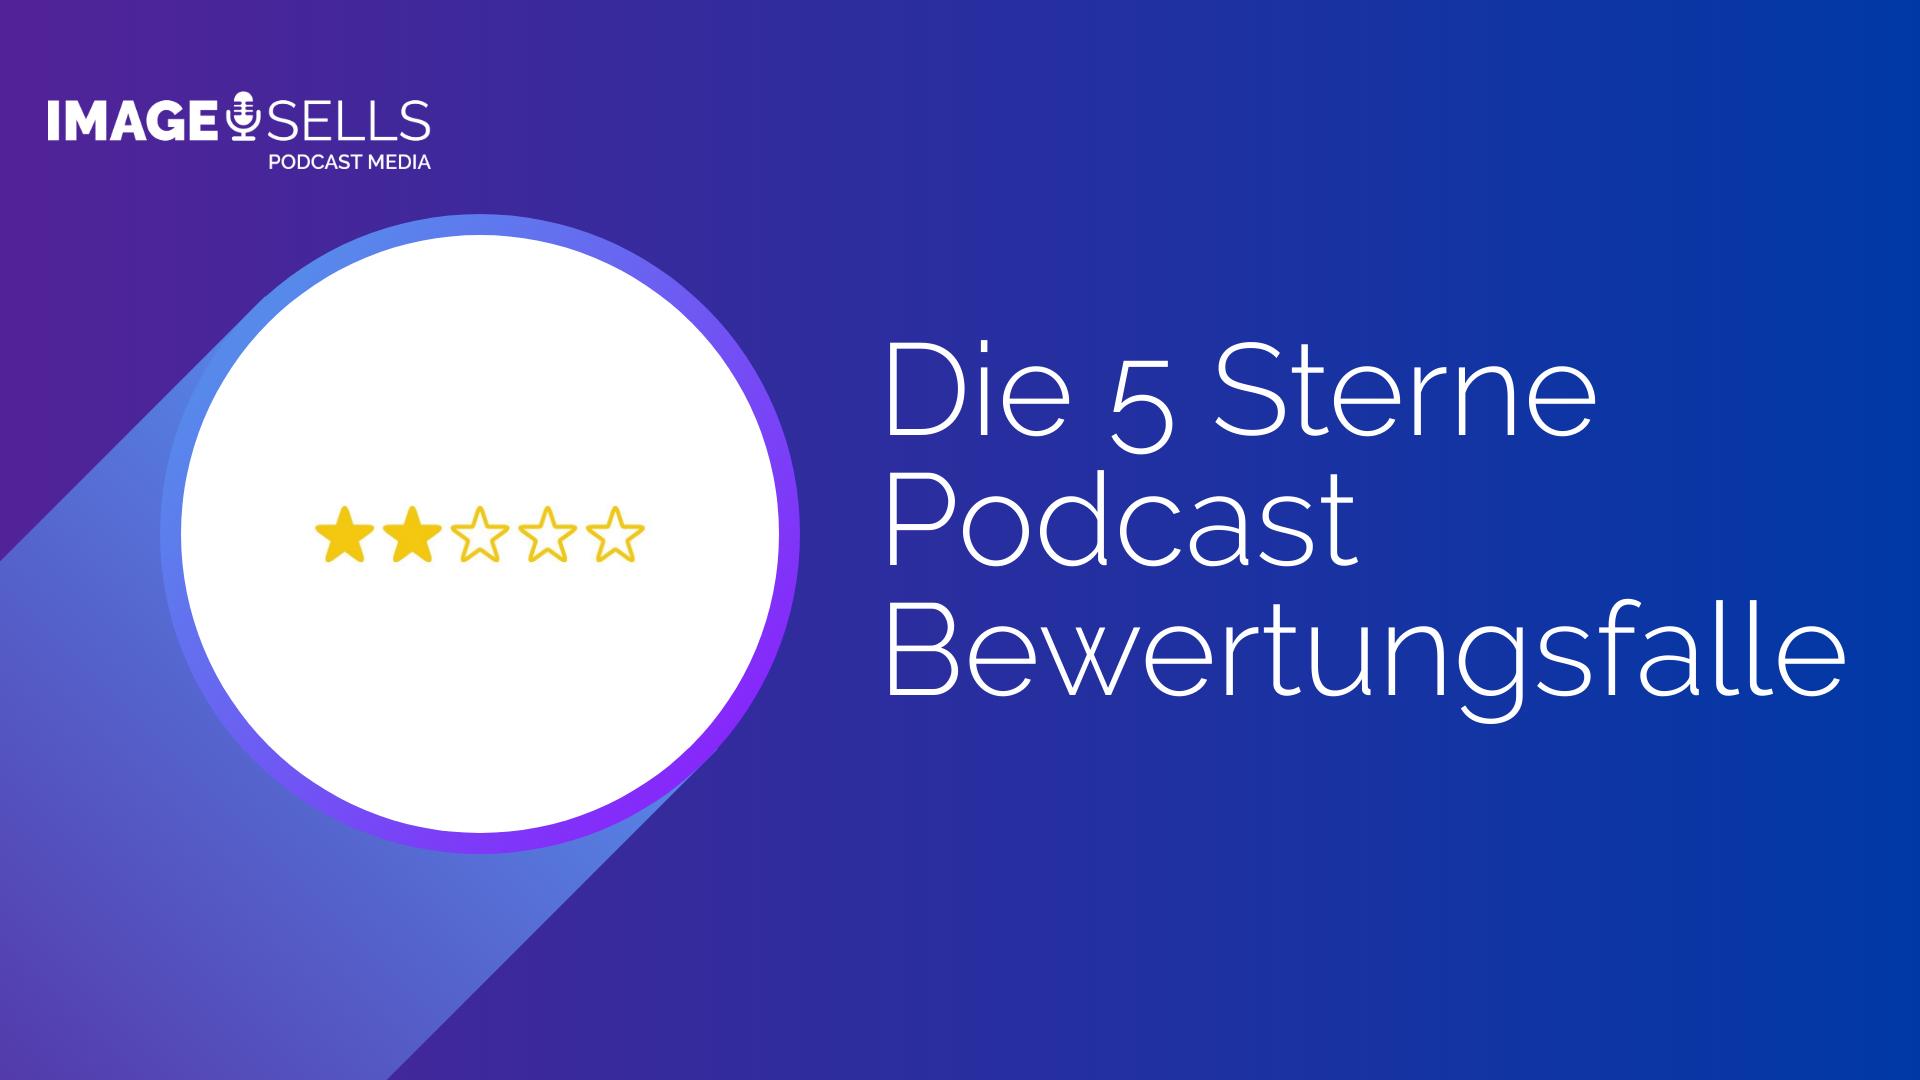 Die 5 Sterne Podcast Bewertungsfalle